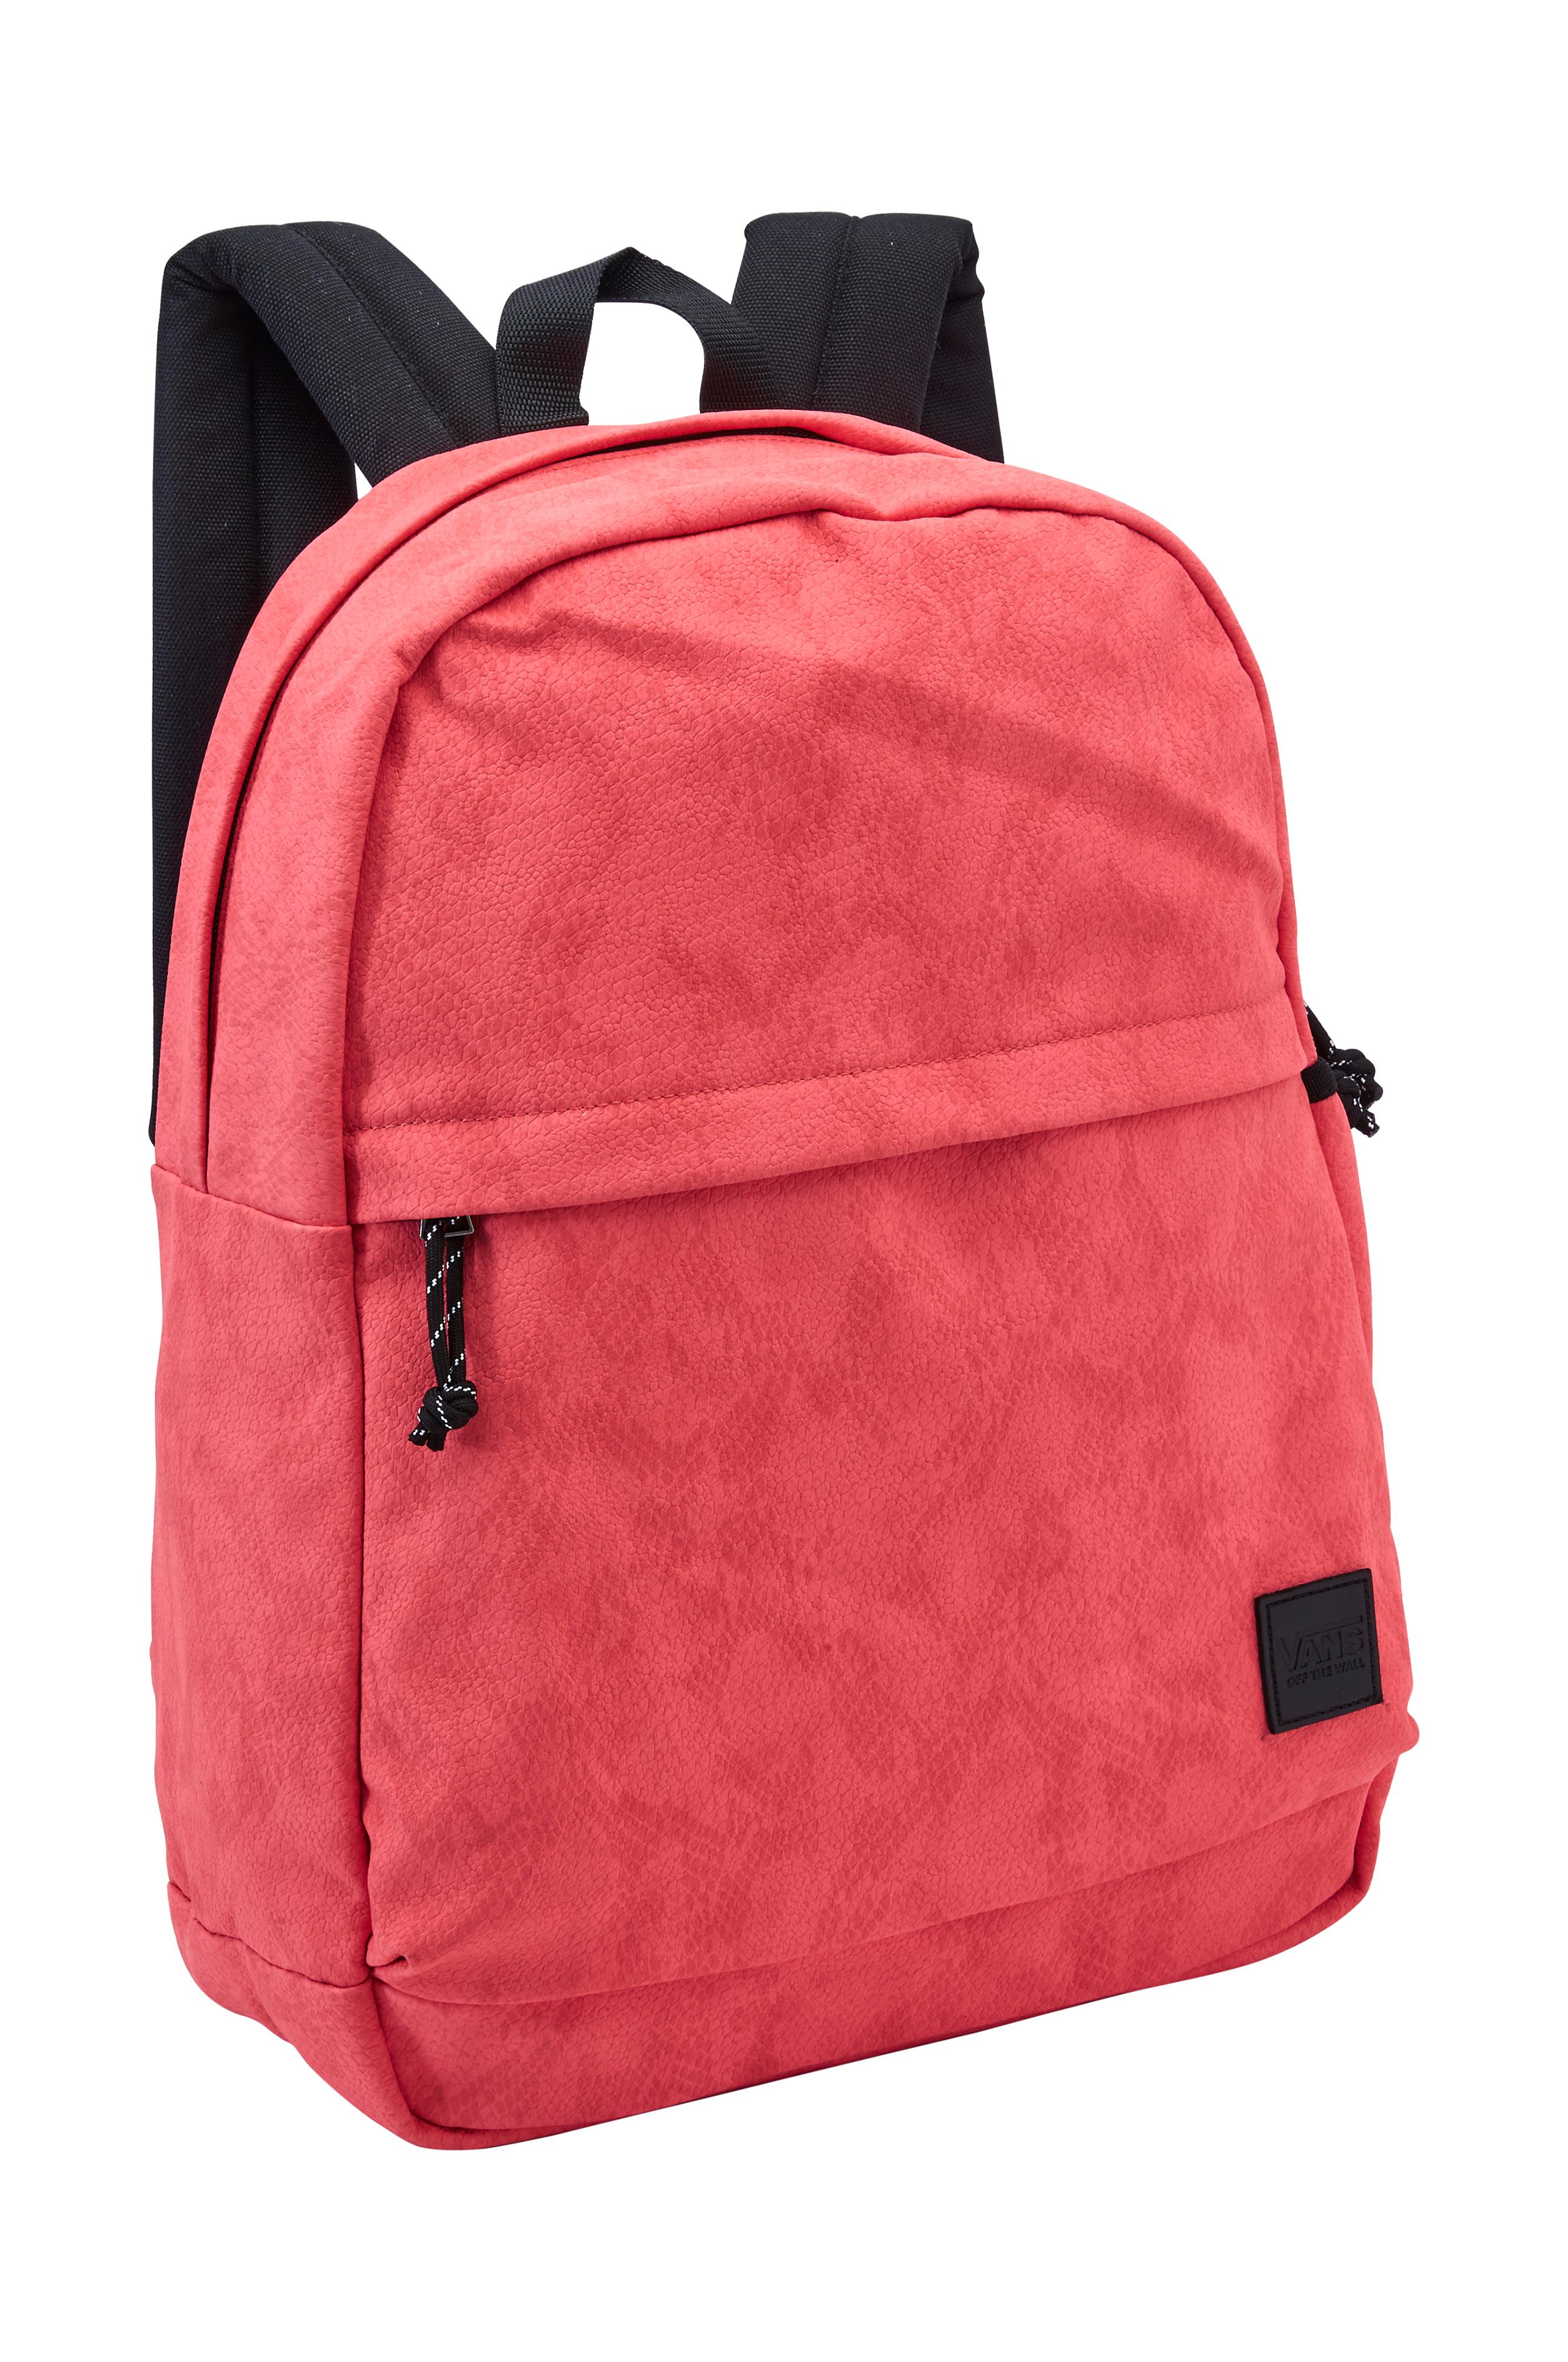 ryggsäck quad squad ii backpack med datorfack f913bda8a4252